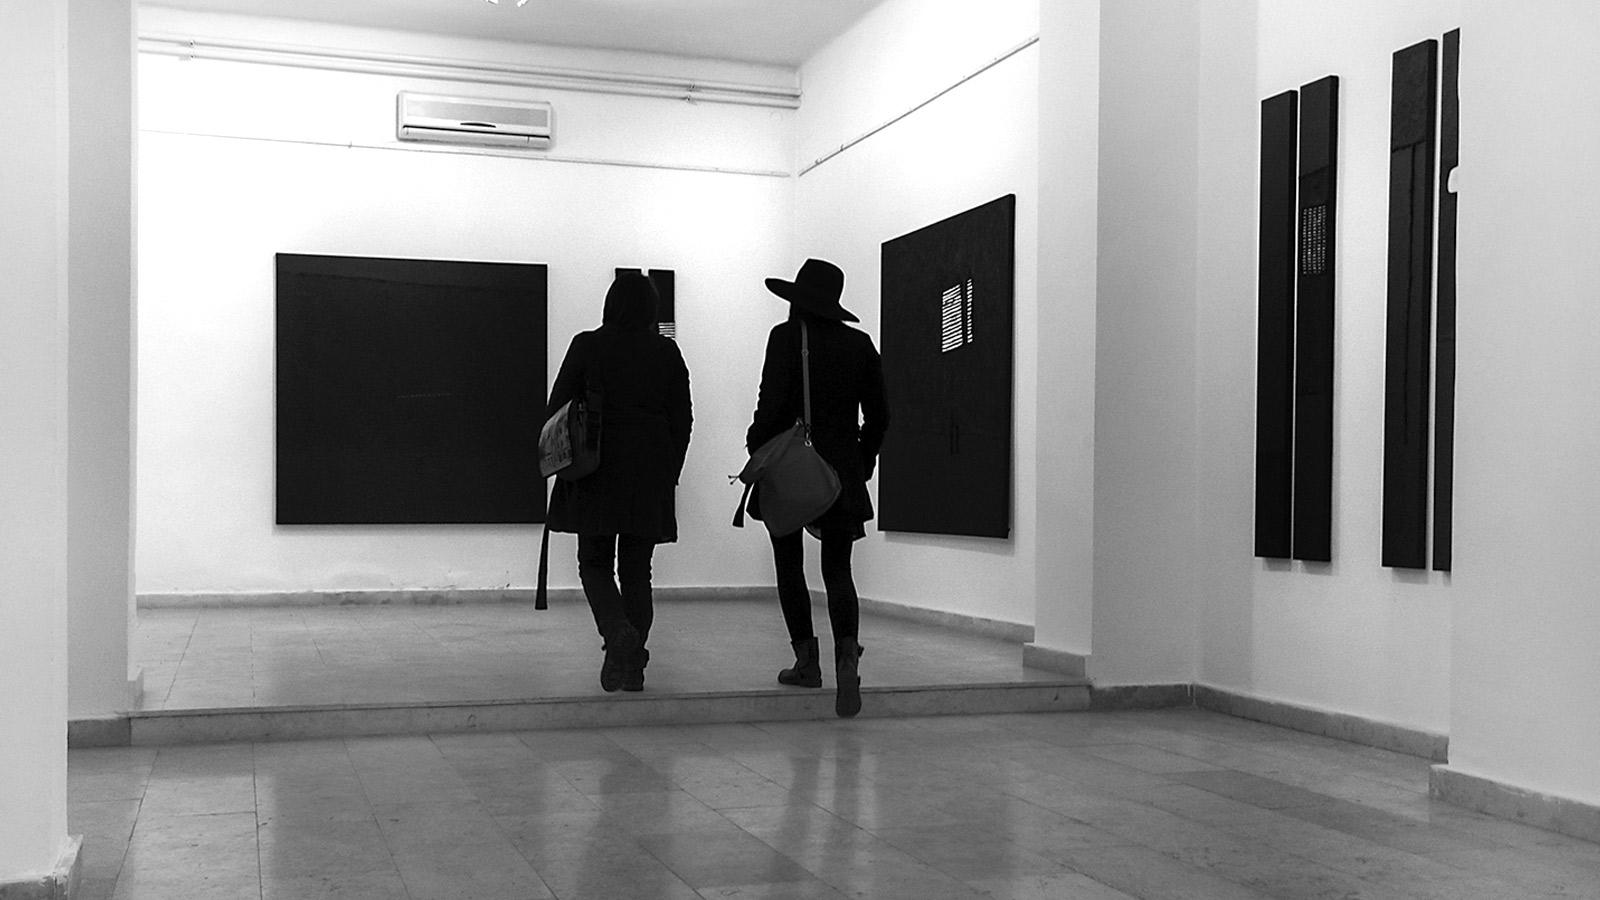 goran despotovski, painting, rezonanta